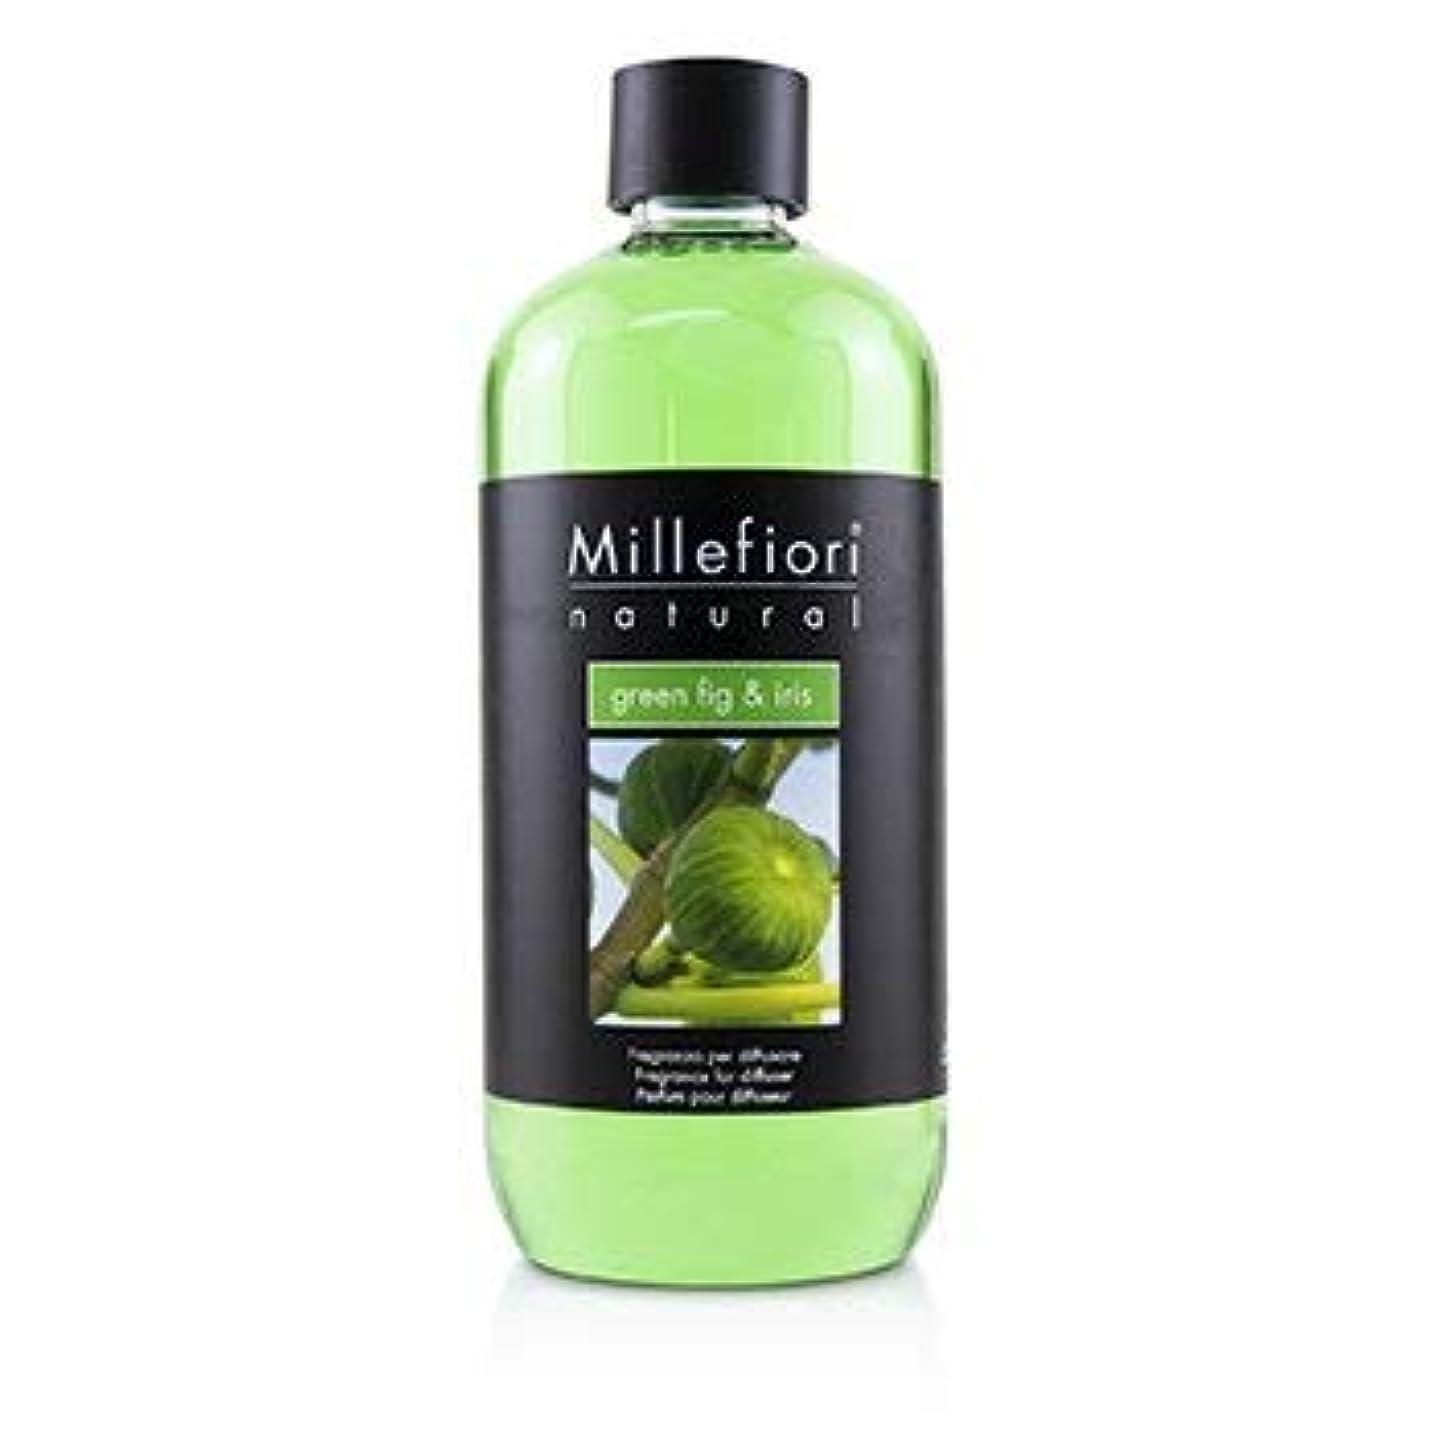 シンカン器官器官ミッレフィオーリ Natural Fragrance Diffuser Refill - Green Fig & Iris 500ml/16.9oz並行輸入品